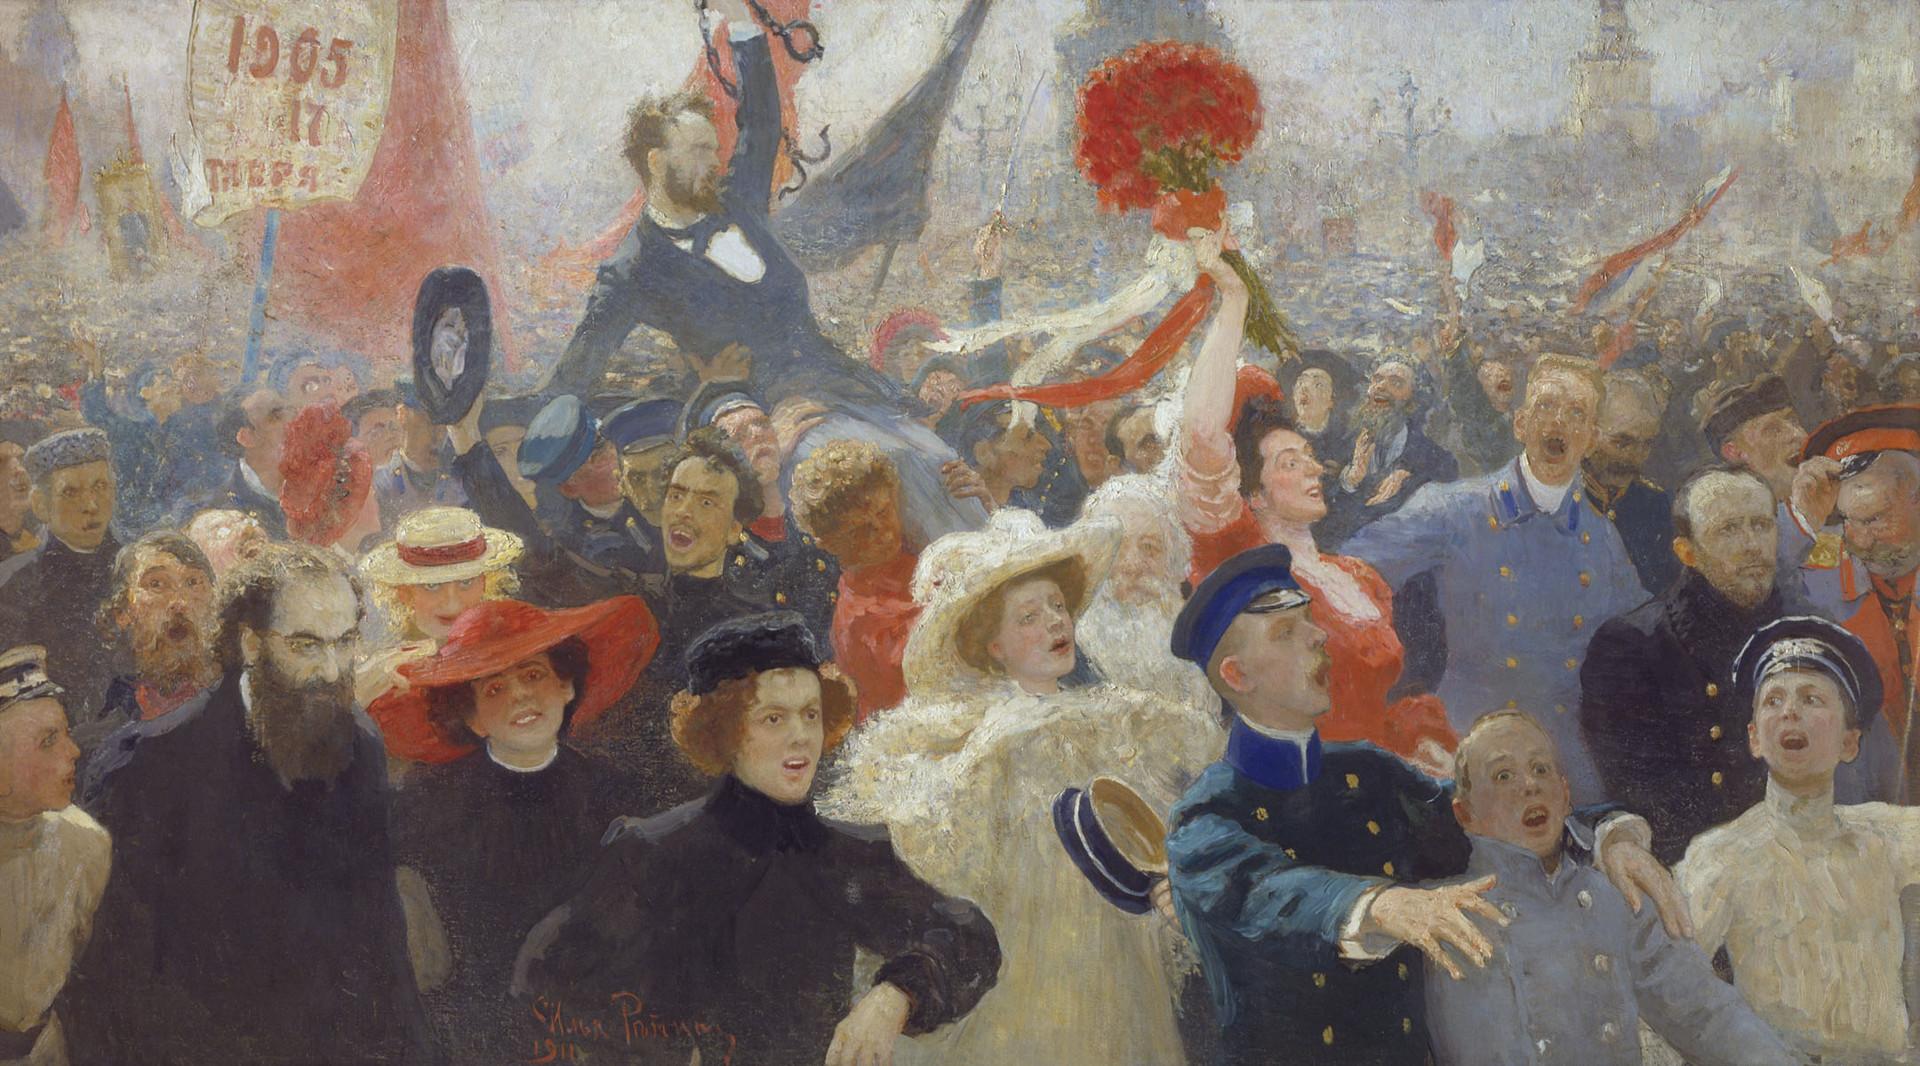 Manifestazione del 17 ottobre 1905, Repin